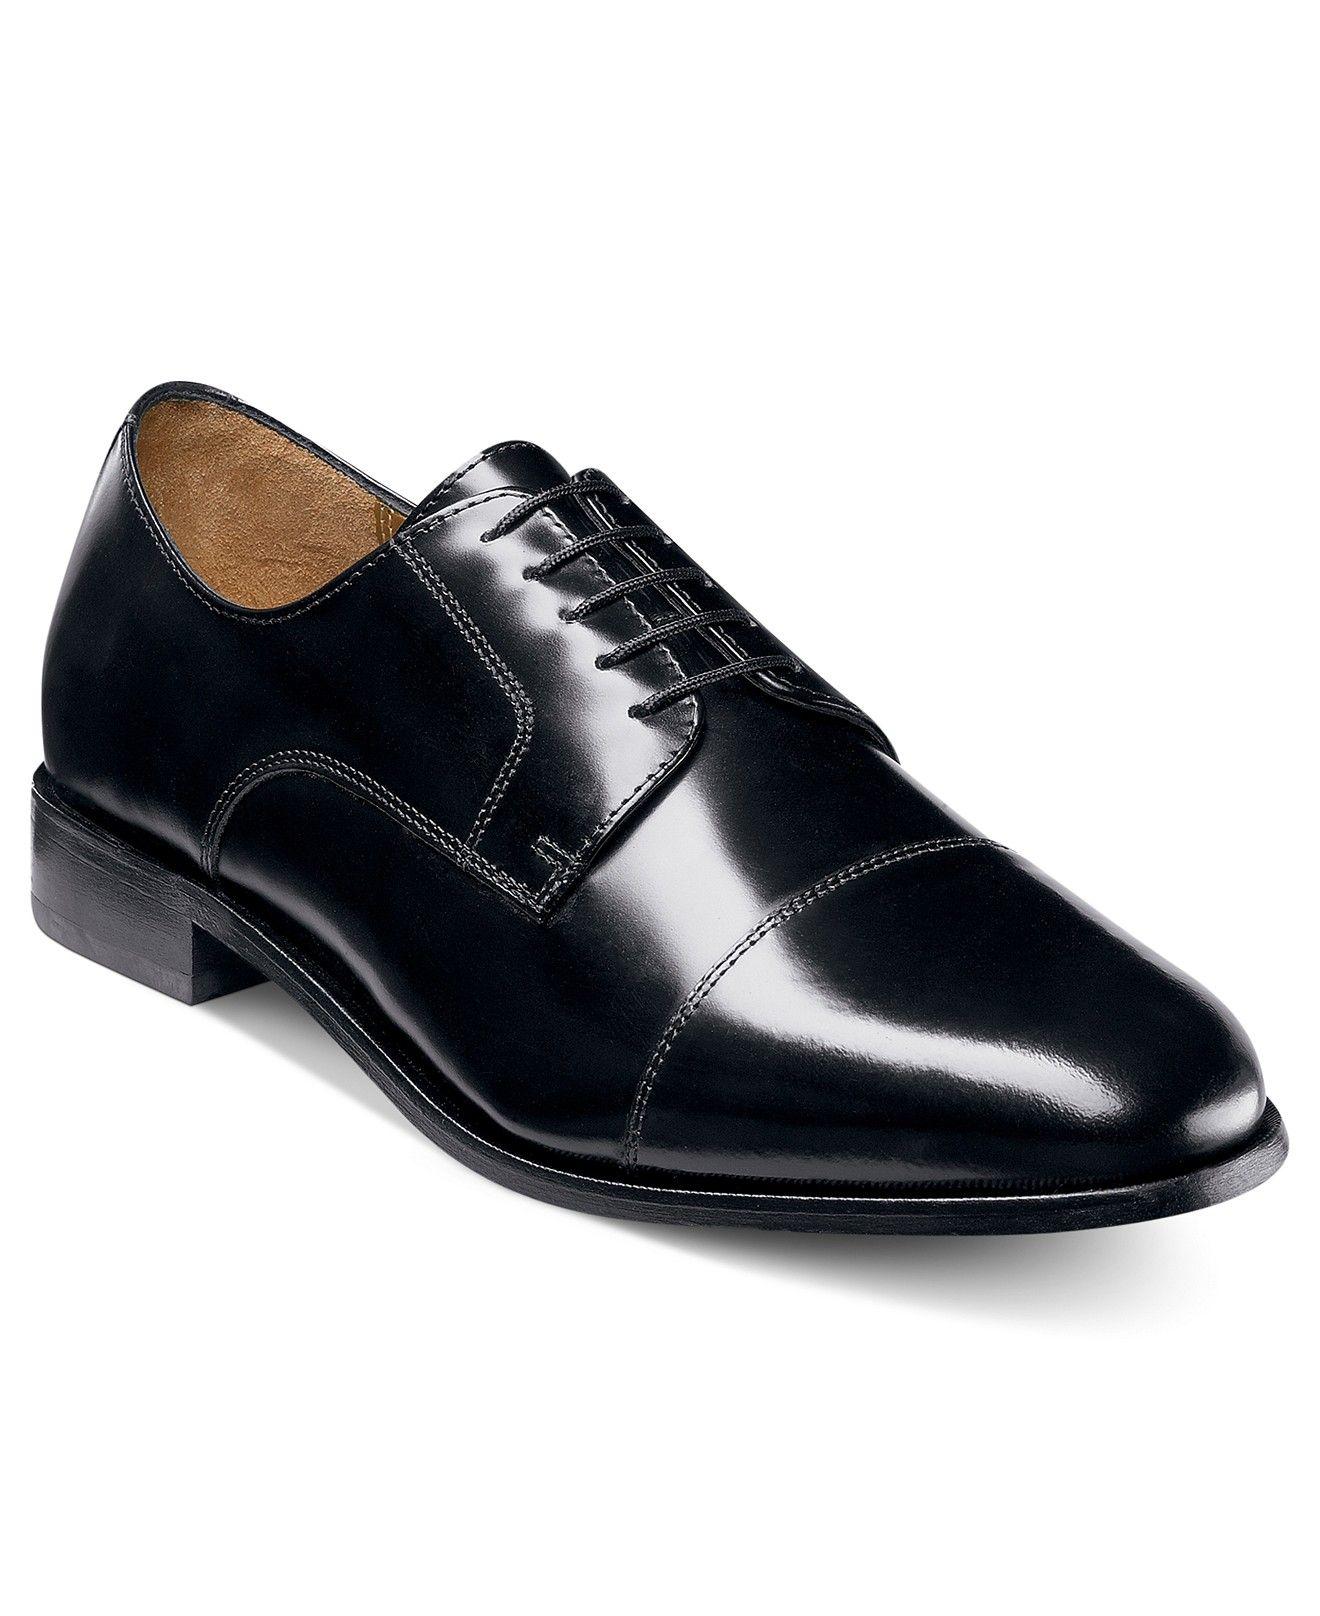 Florsheim Men S Broxton Cap Toe Oxford Reviews All Men S Shoes Men Macy S In 2021 Dress Shoes Men Mens Black Dress Shoes Cap Toe Oxfords [ 1616 x 1320 Pixel ]